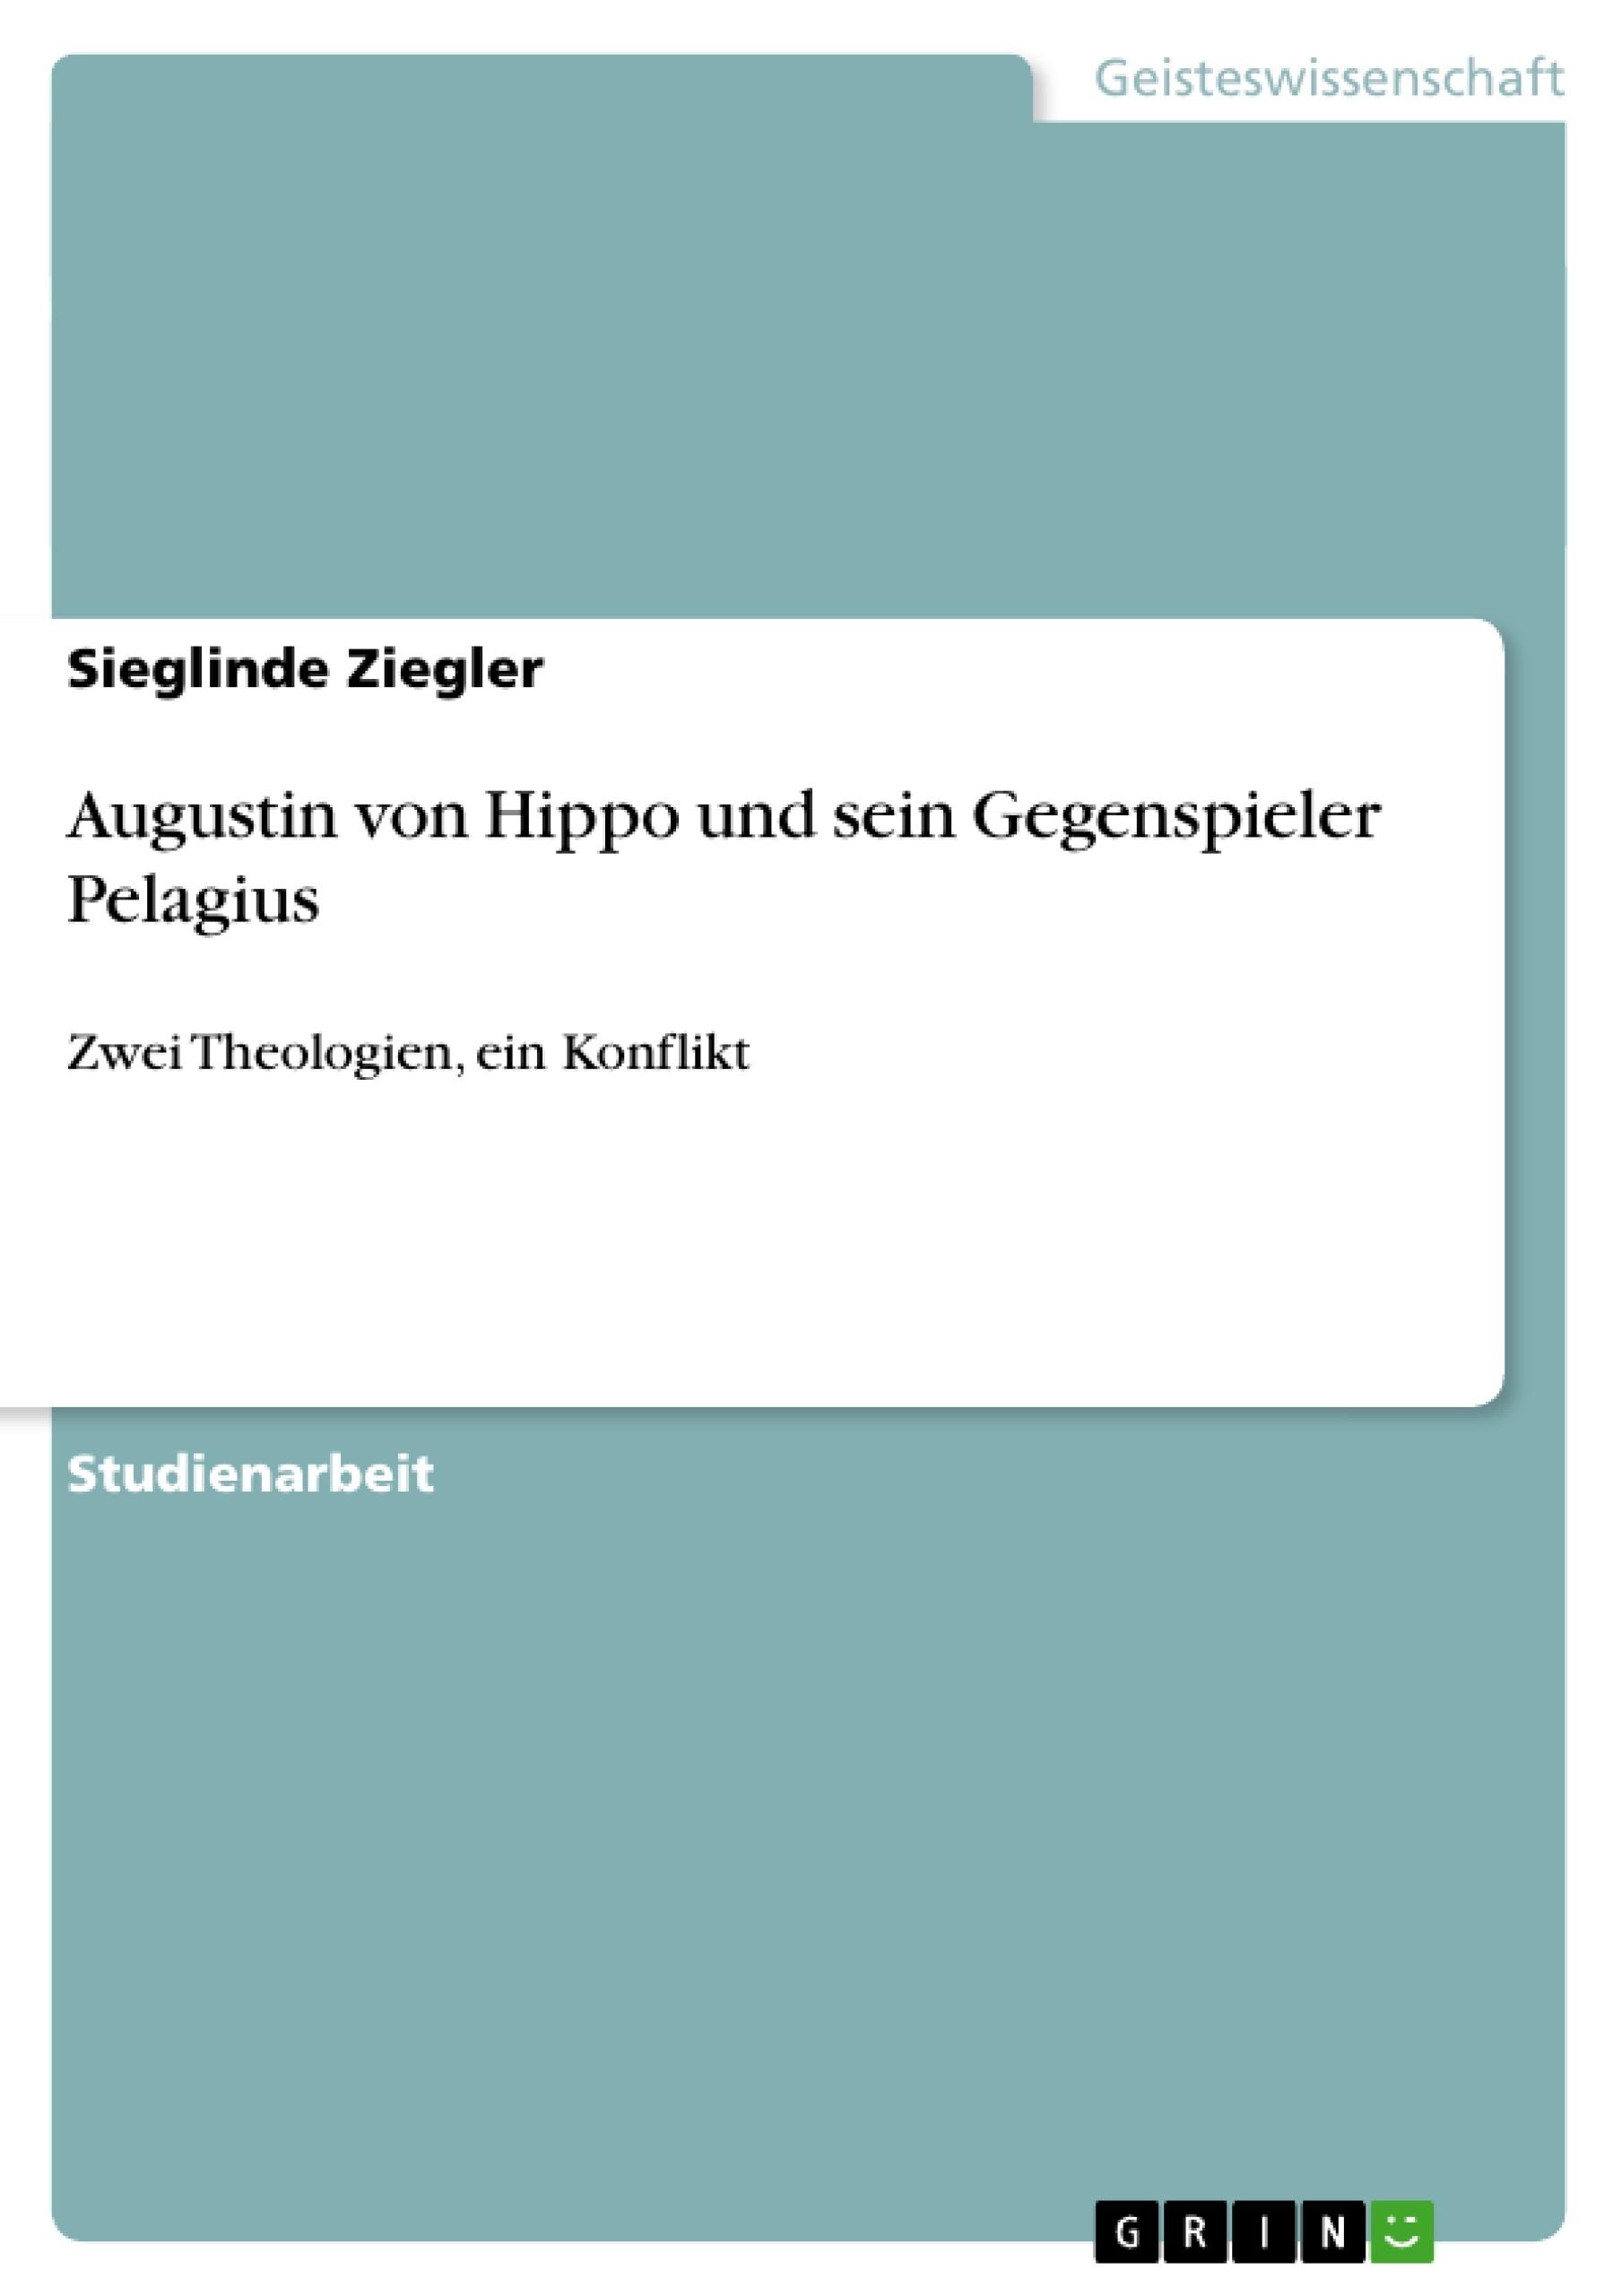 Titel: Augustin von Hippo und sein Gegenspieler Pelagius